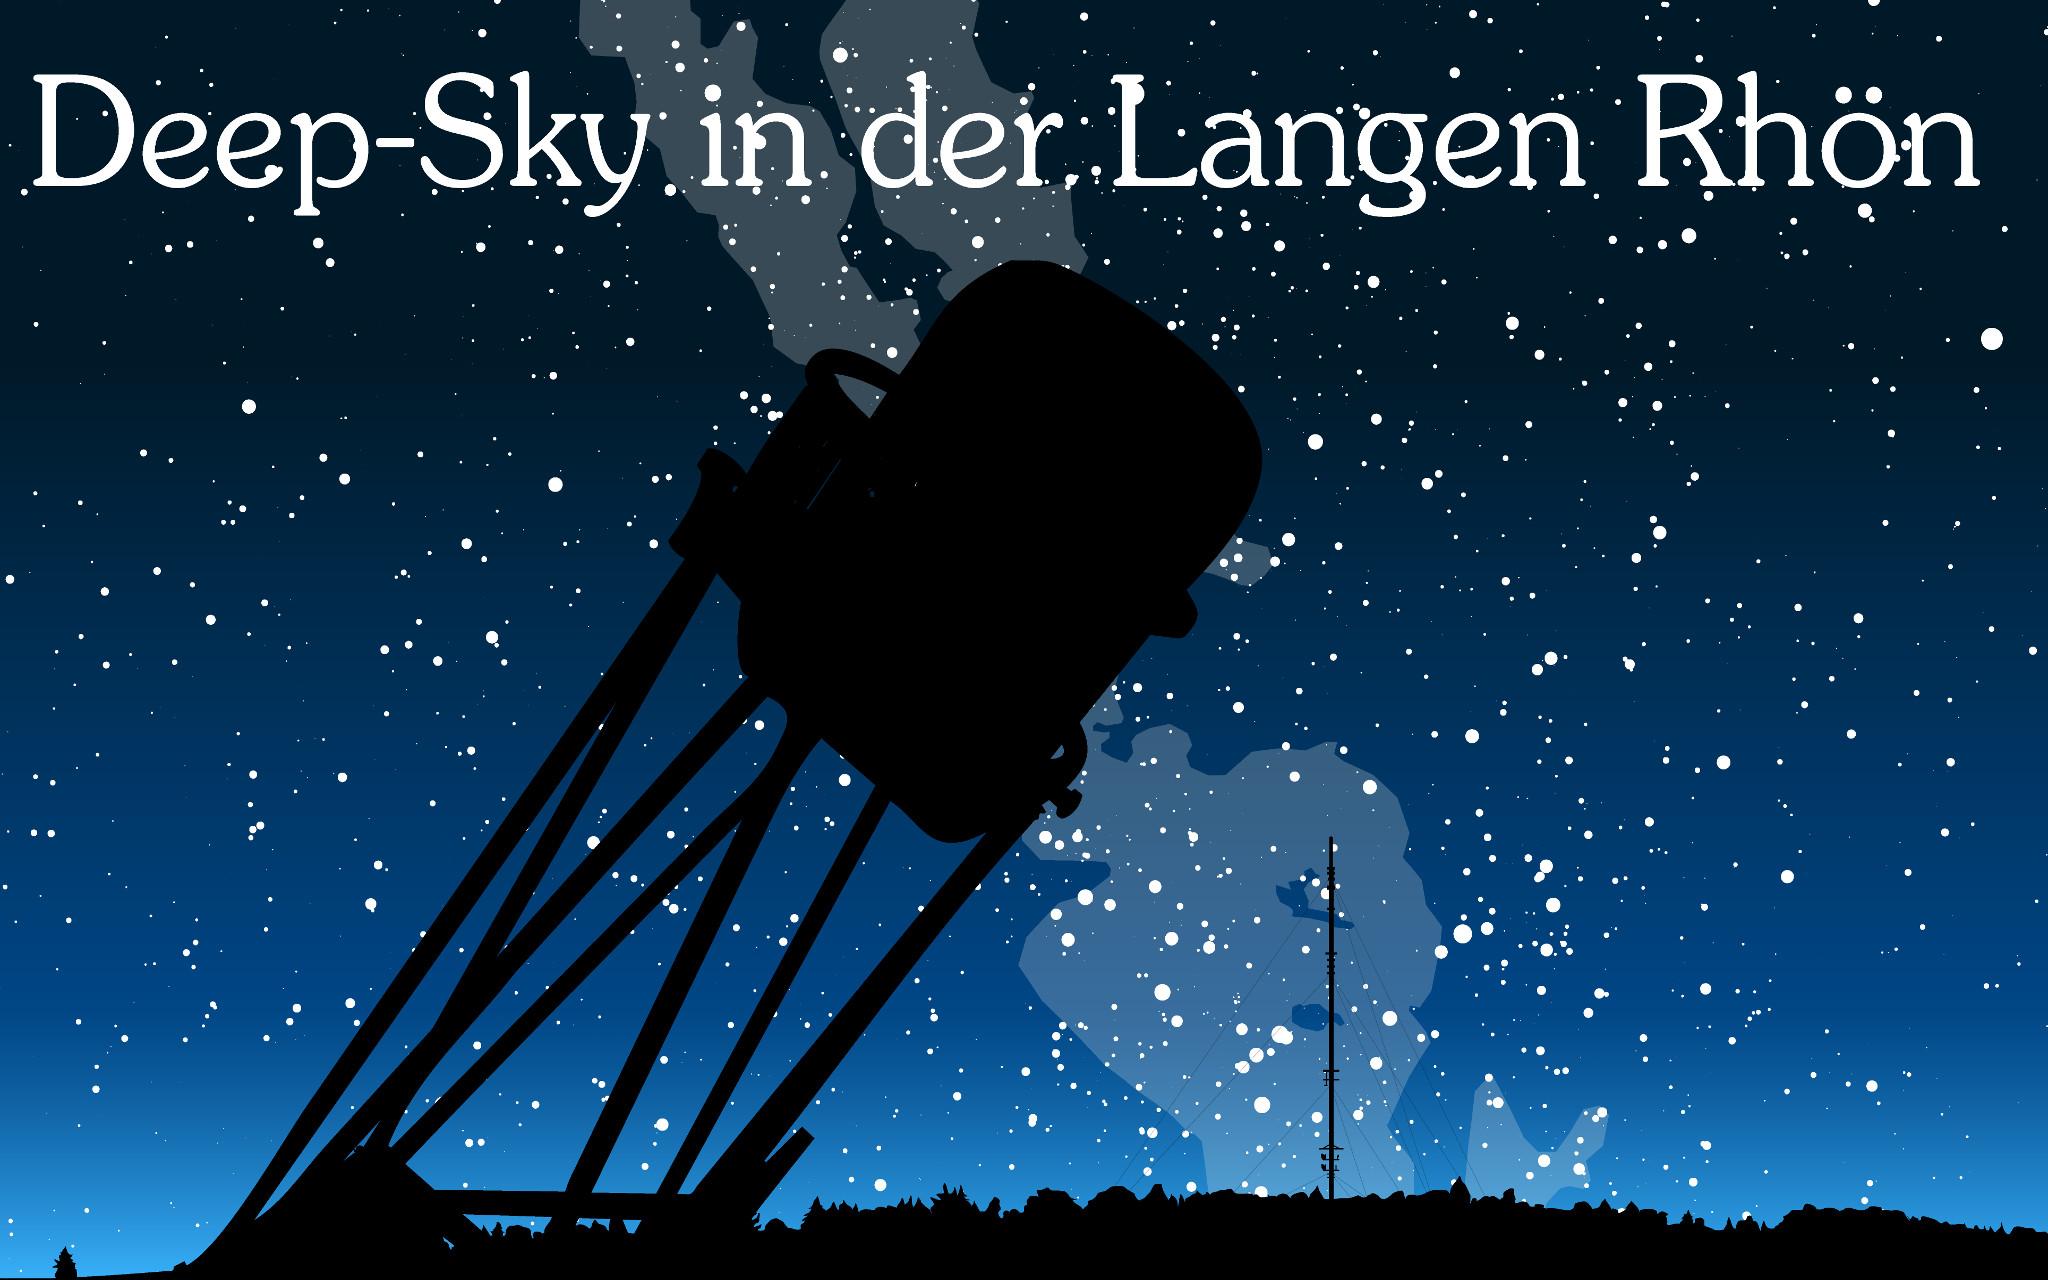 Das nächtliche Firmament über dem Sternenpark Rhön in der Hochrhön mit anschließender Deepsky-Beobachtung